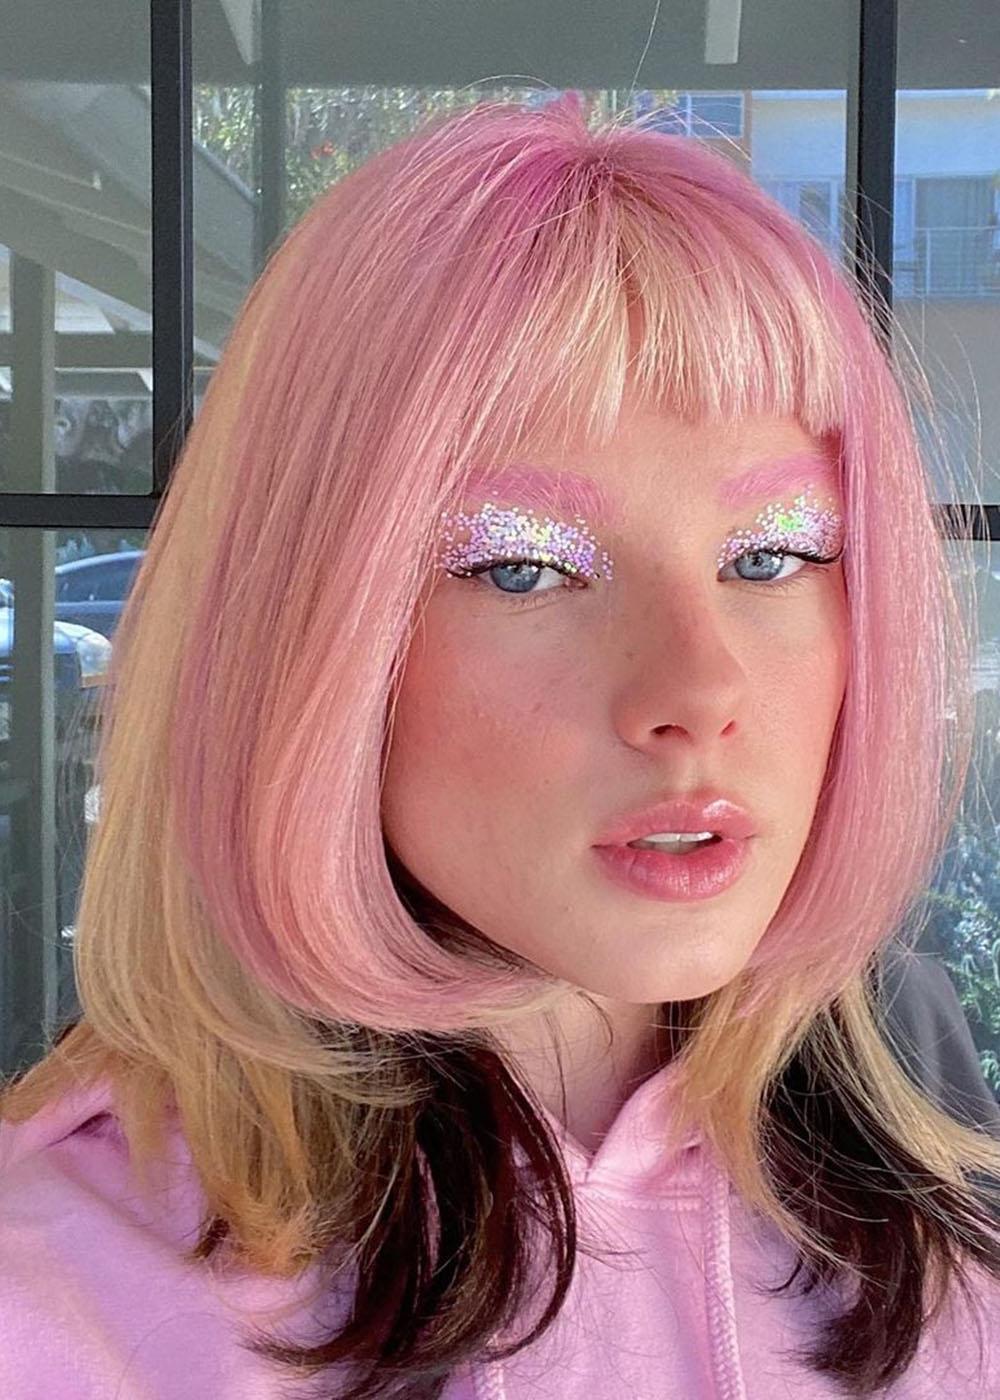 cabelo rosa com contraste loiro e preto, make metalizada